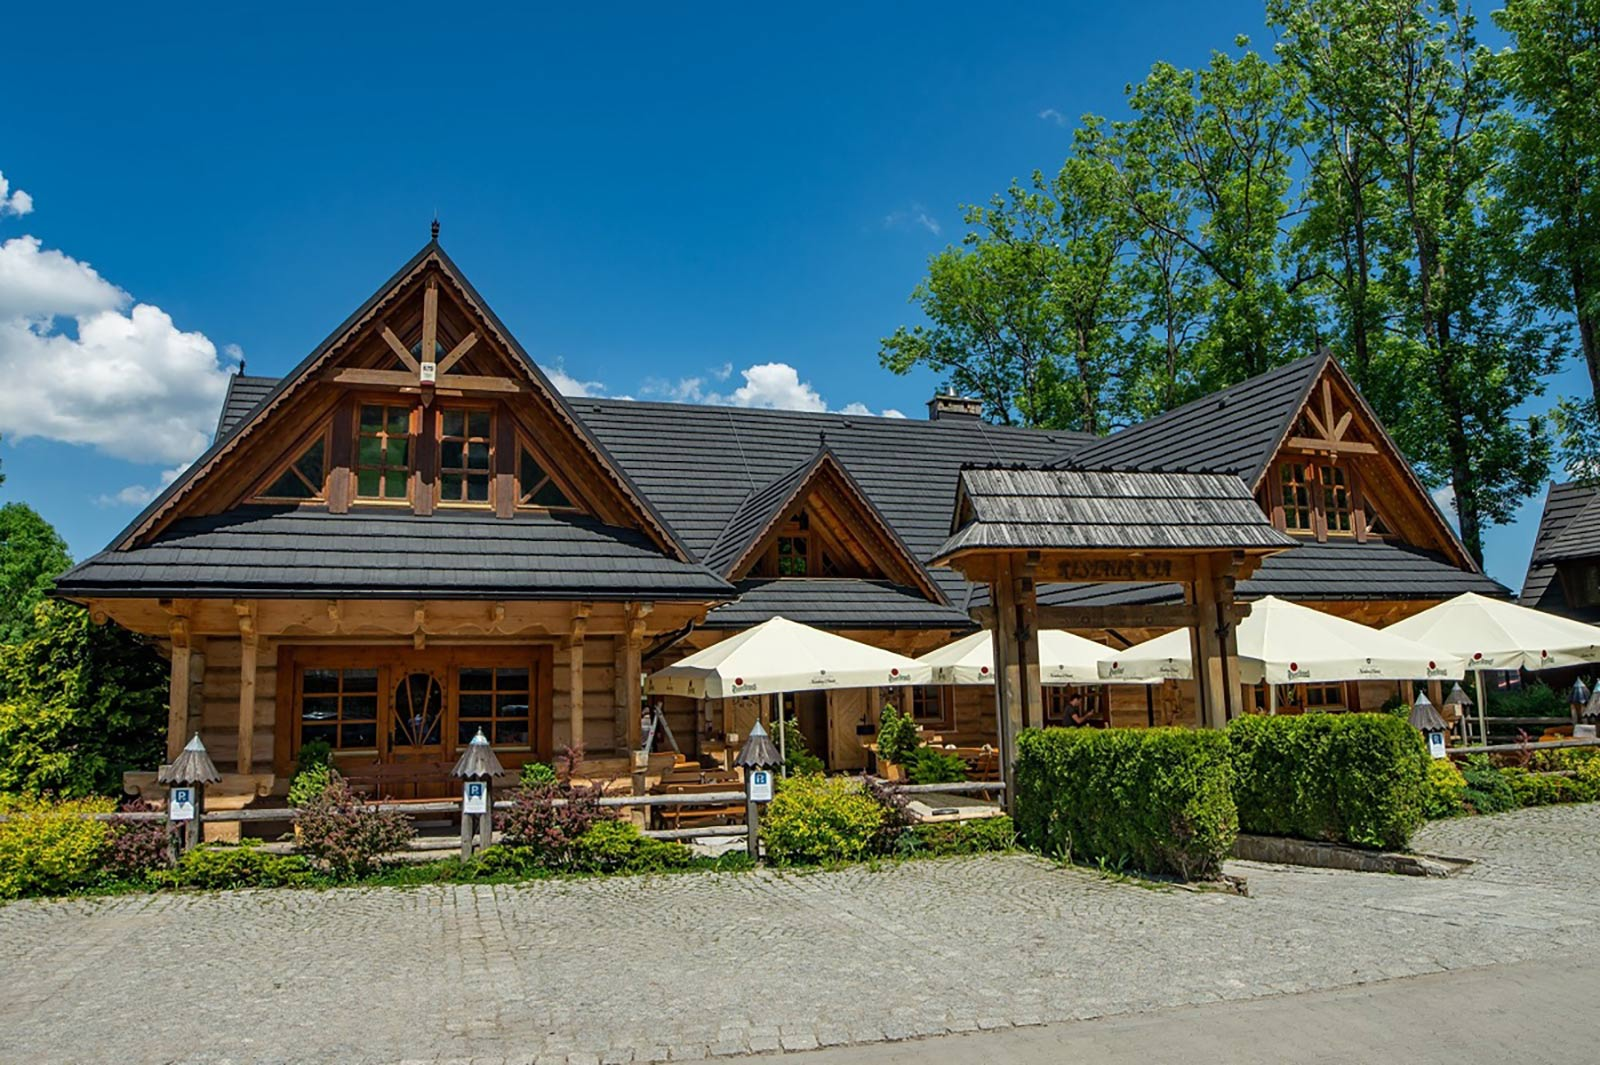 Restauracja-Regionalna-w-Nosalowy-Dwór-Resort&-SPA-świętuje-20-lecie--2